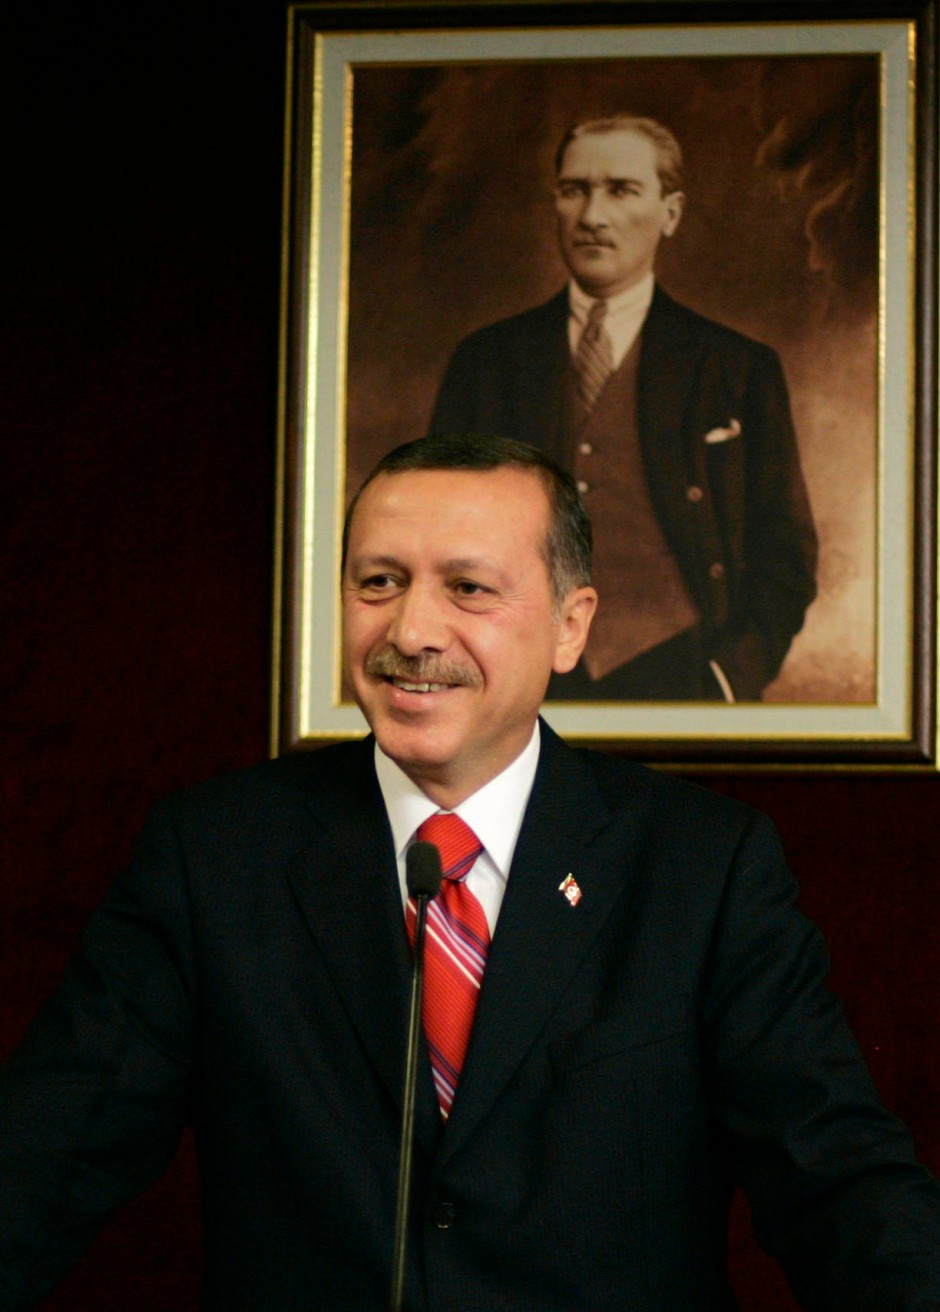 Der türkische Ministerpräsident Erdogan vor einem Porträt des Staatsgründers Kemal Atatürk